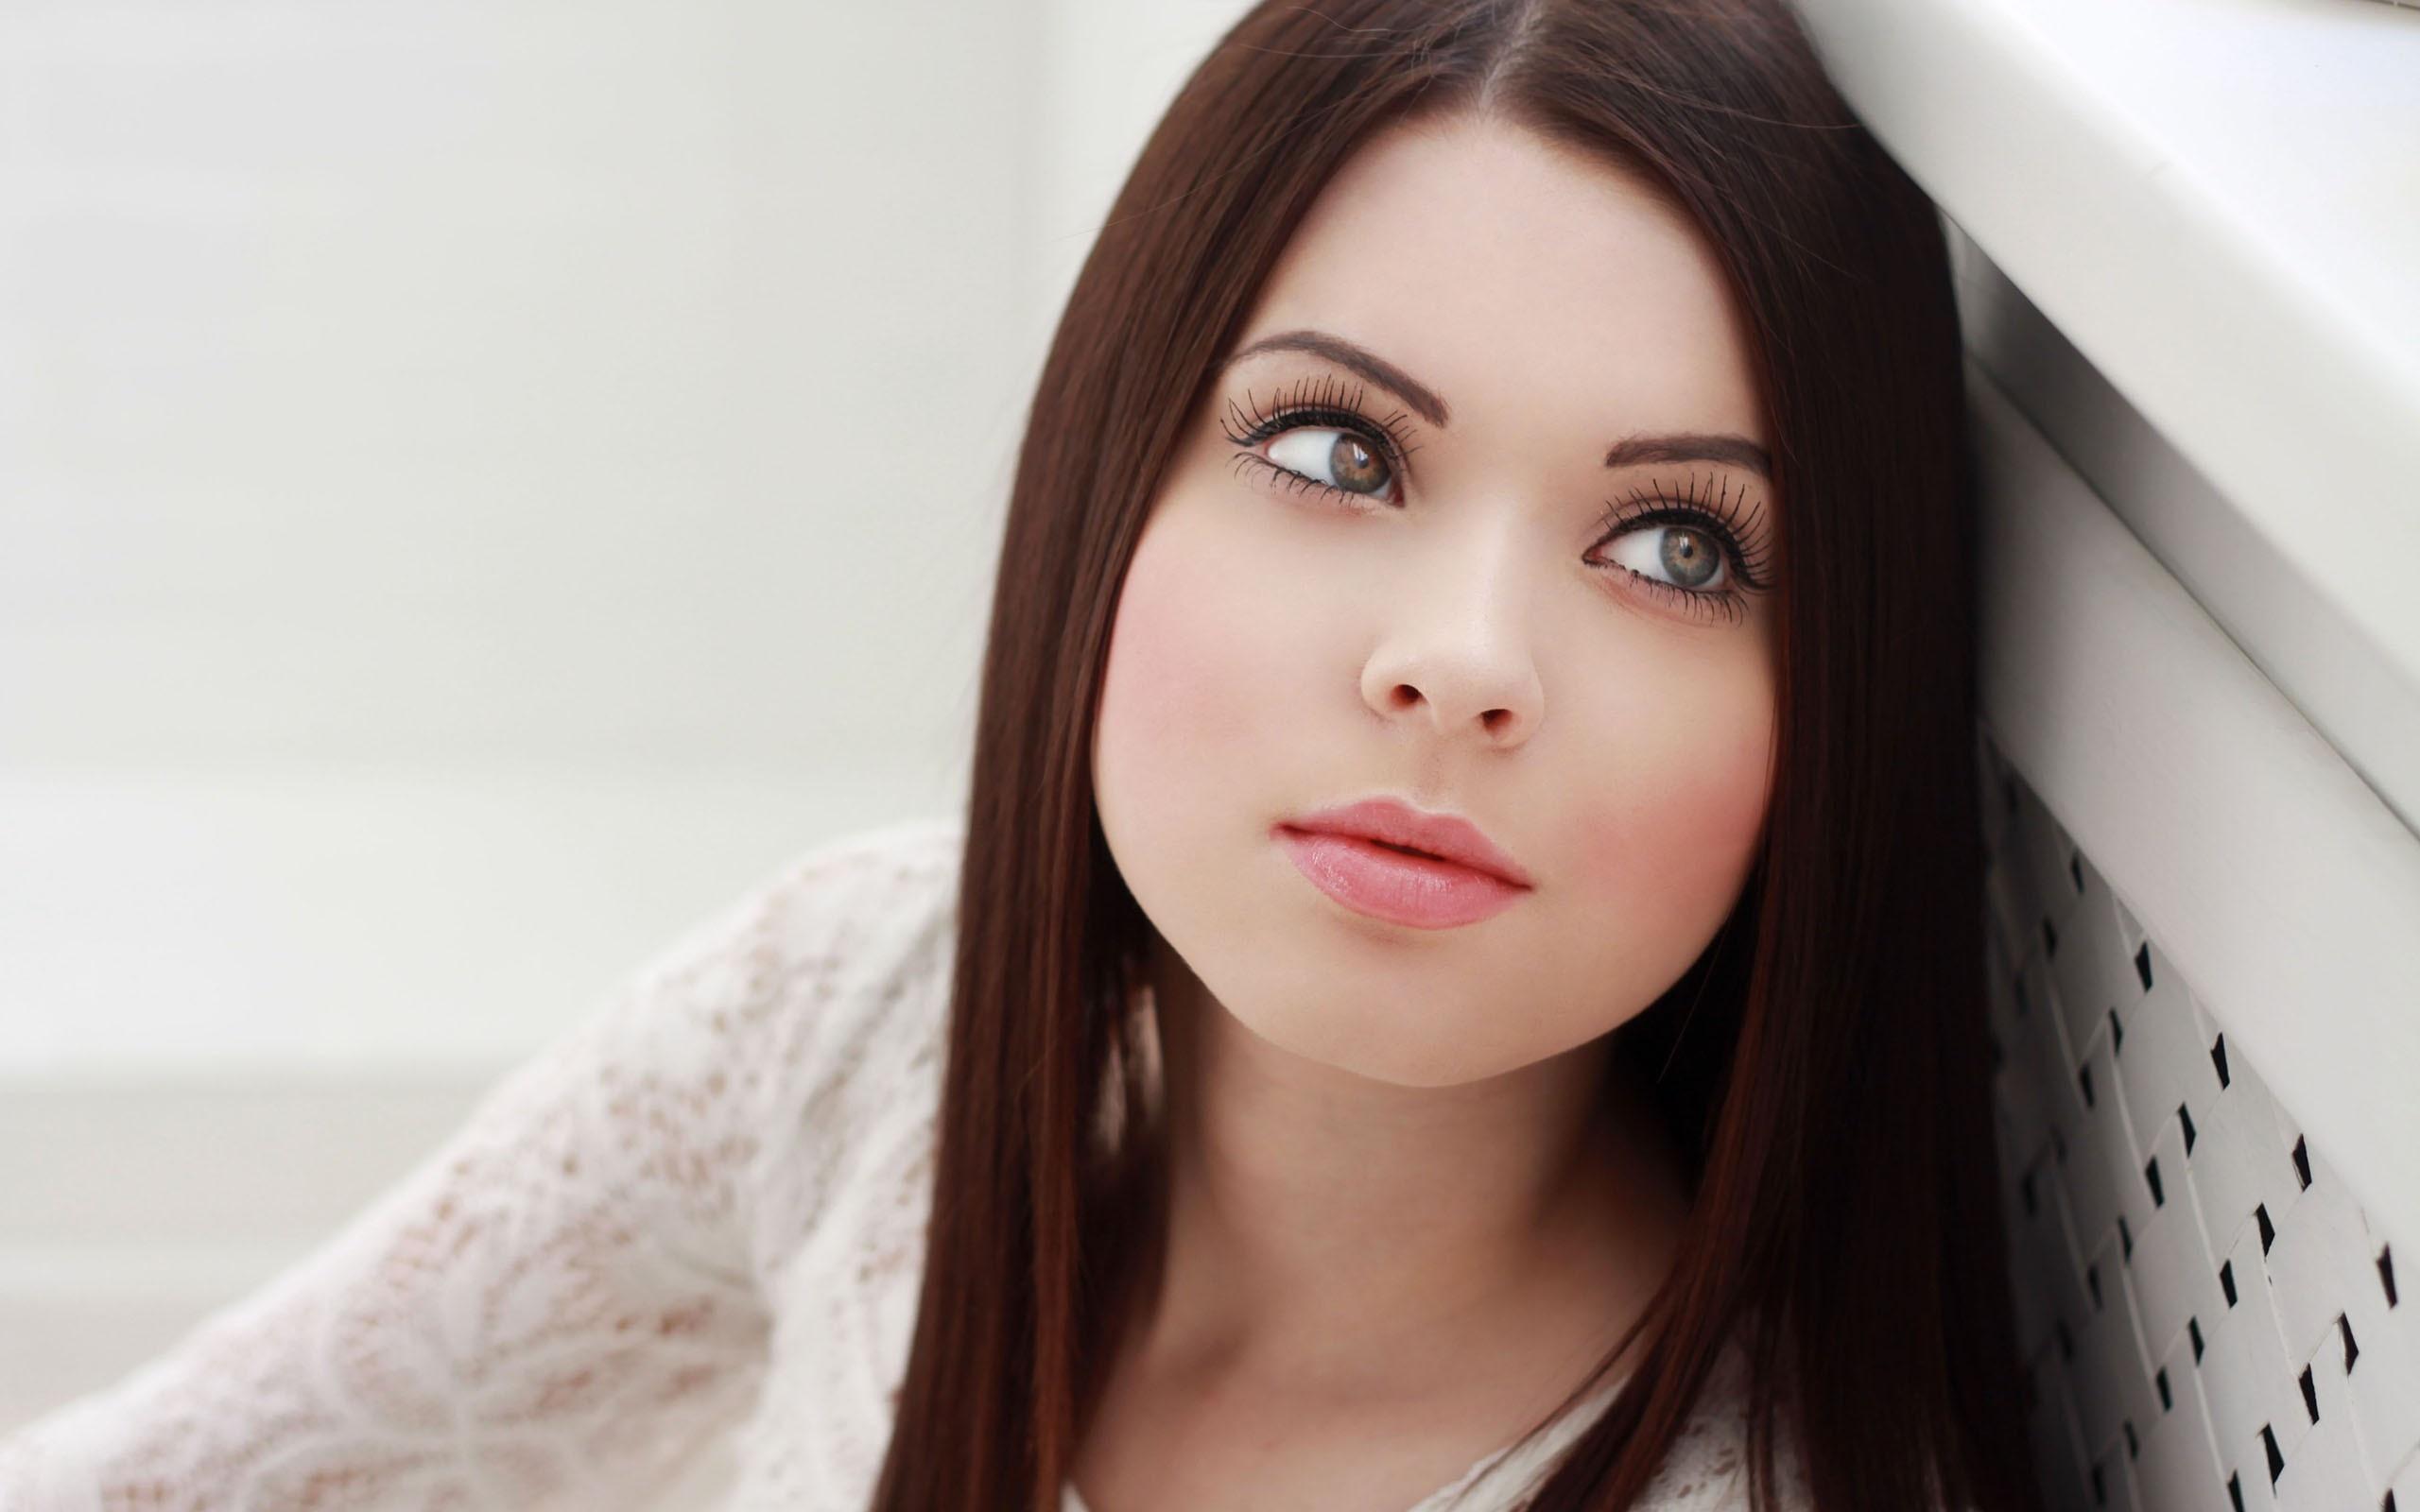 девушка милая лицо взгляд брюнетка глаза  № 649027 бесплатно